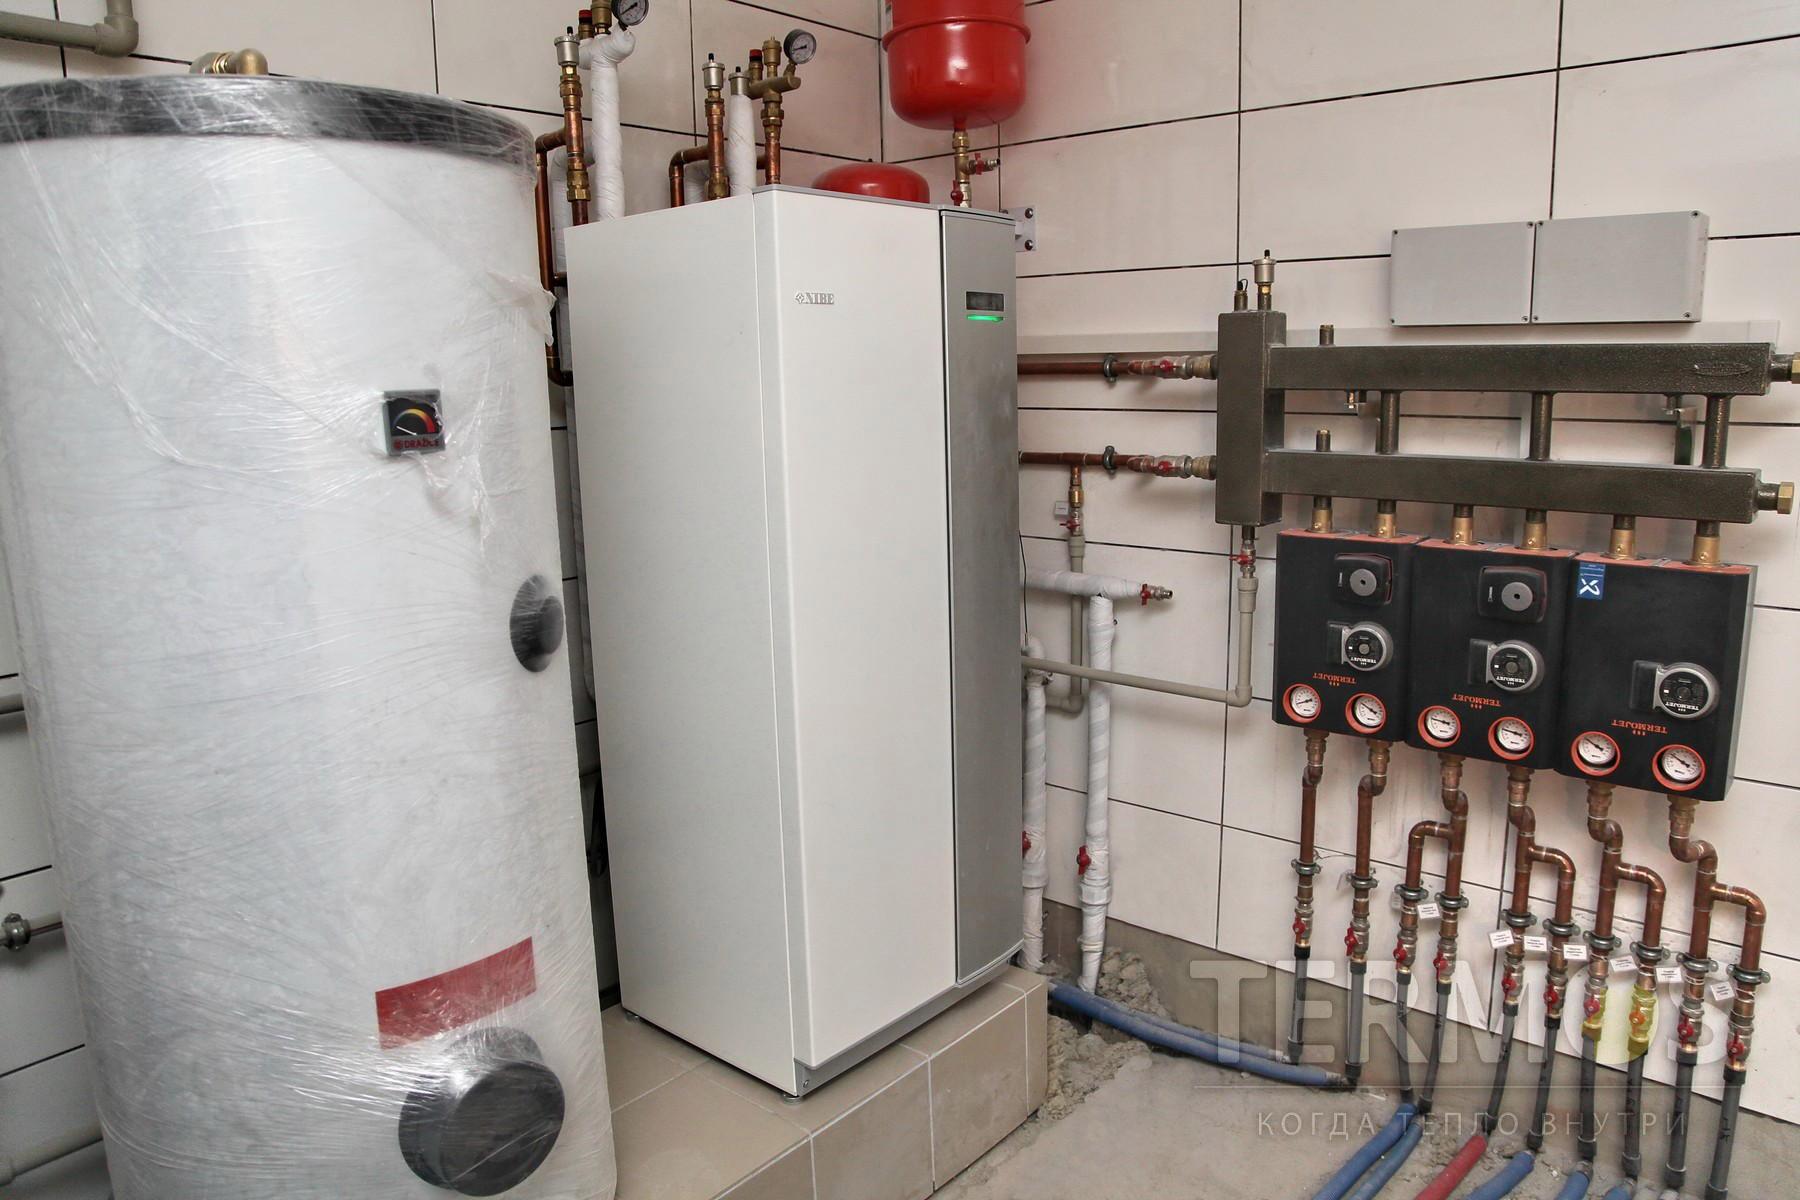 Золочи. Дом 240 кв м. Теотермальный тепловой насос NIBE F1145 12 кВт, c коэффициентом COP – 4,81 обеспечивает отопление дома, отопление бани, ГВС